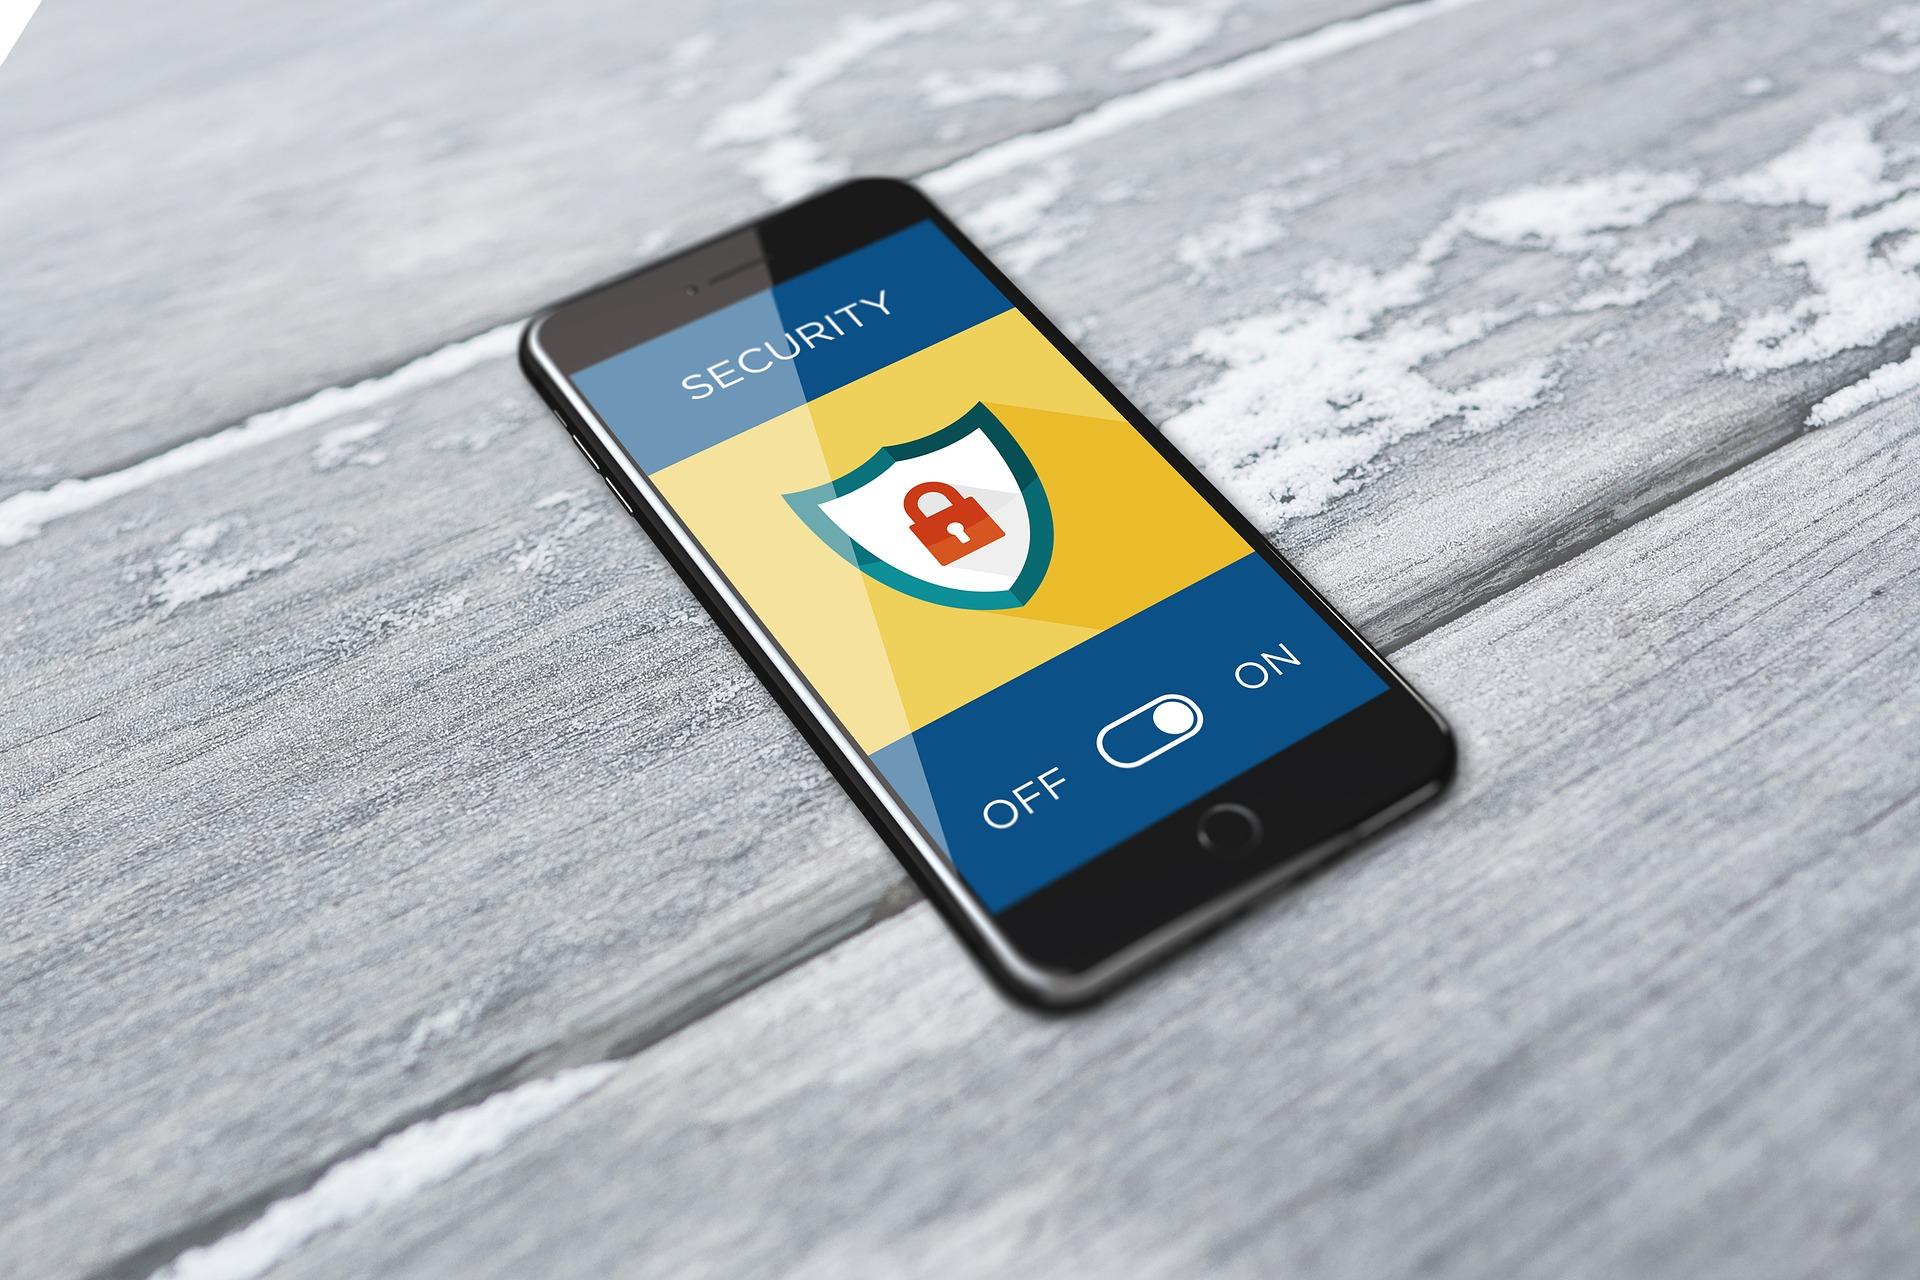 لماذا يعد تطبيق التأمين على الهاتف المحمول أمرًا ضروريًا لعملك